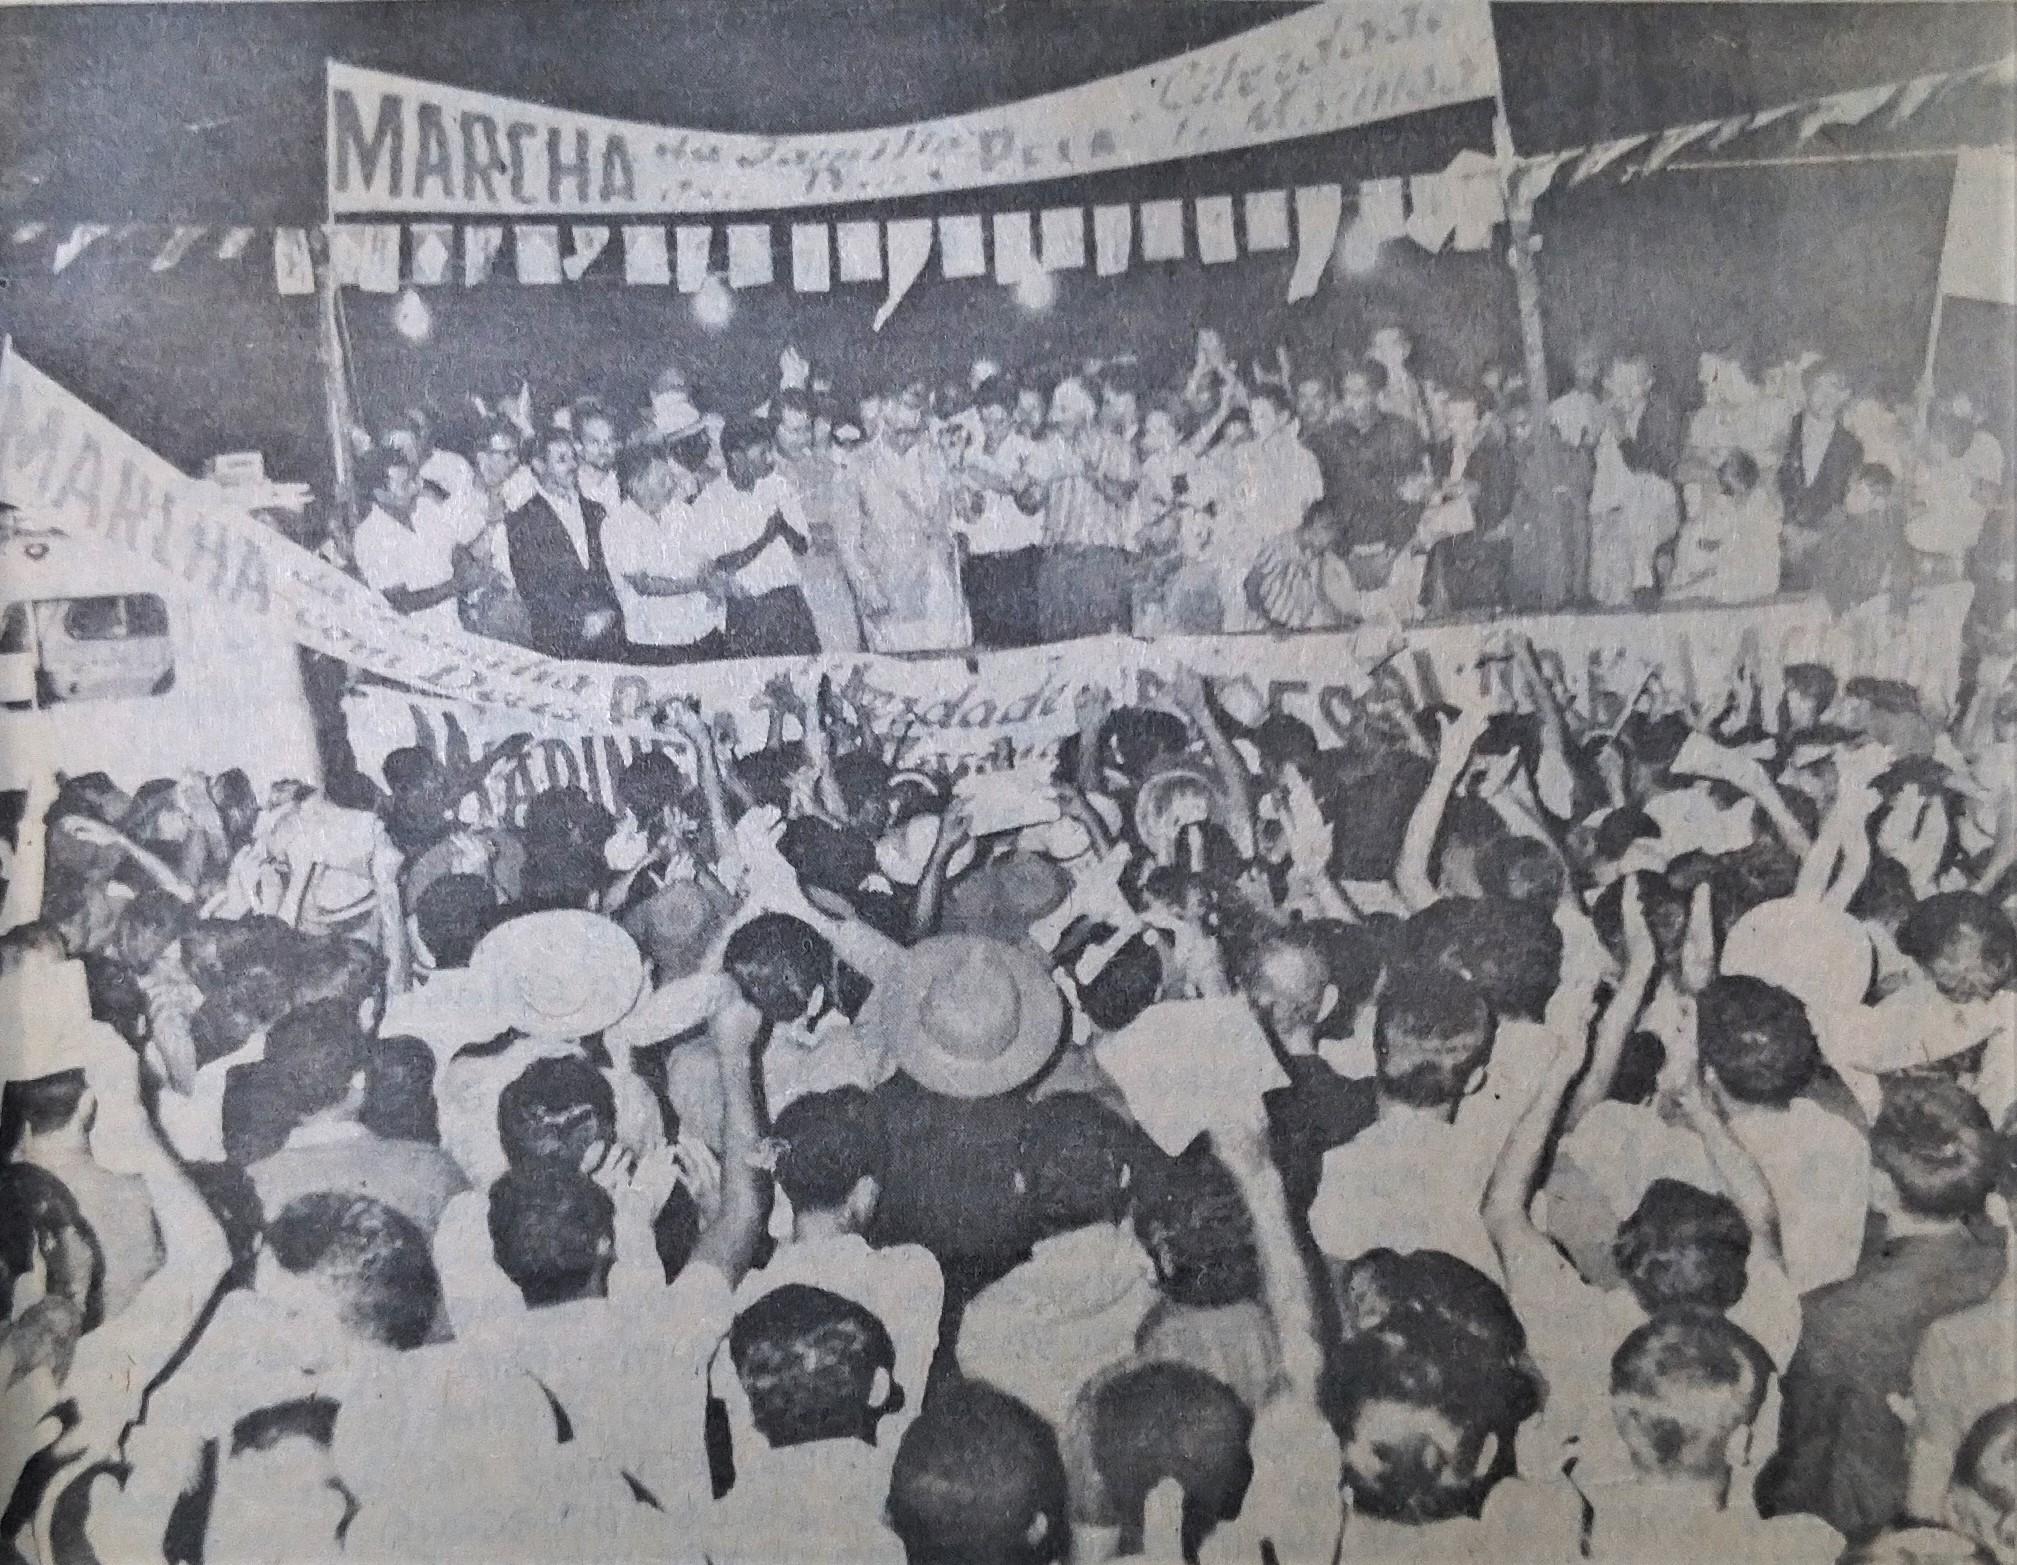 Marchas da Família com Deus pela Liberdade e as eleições de 1964